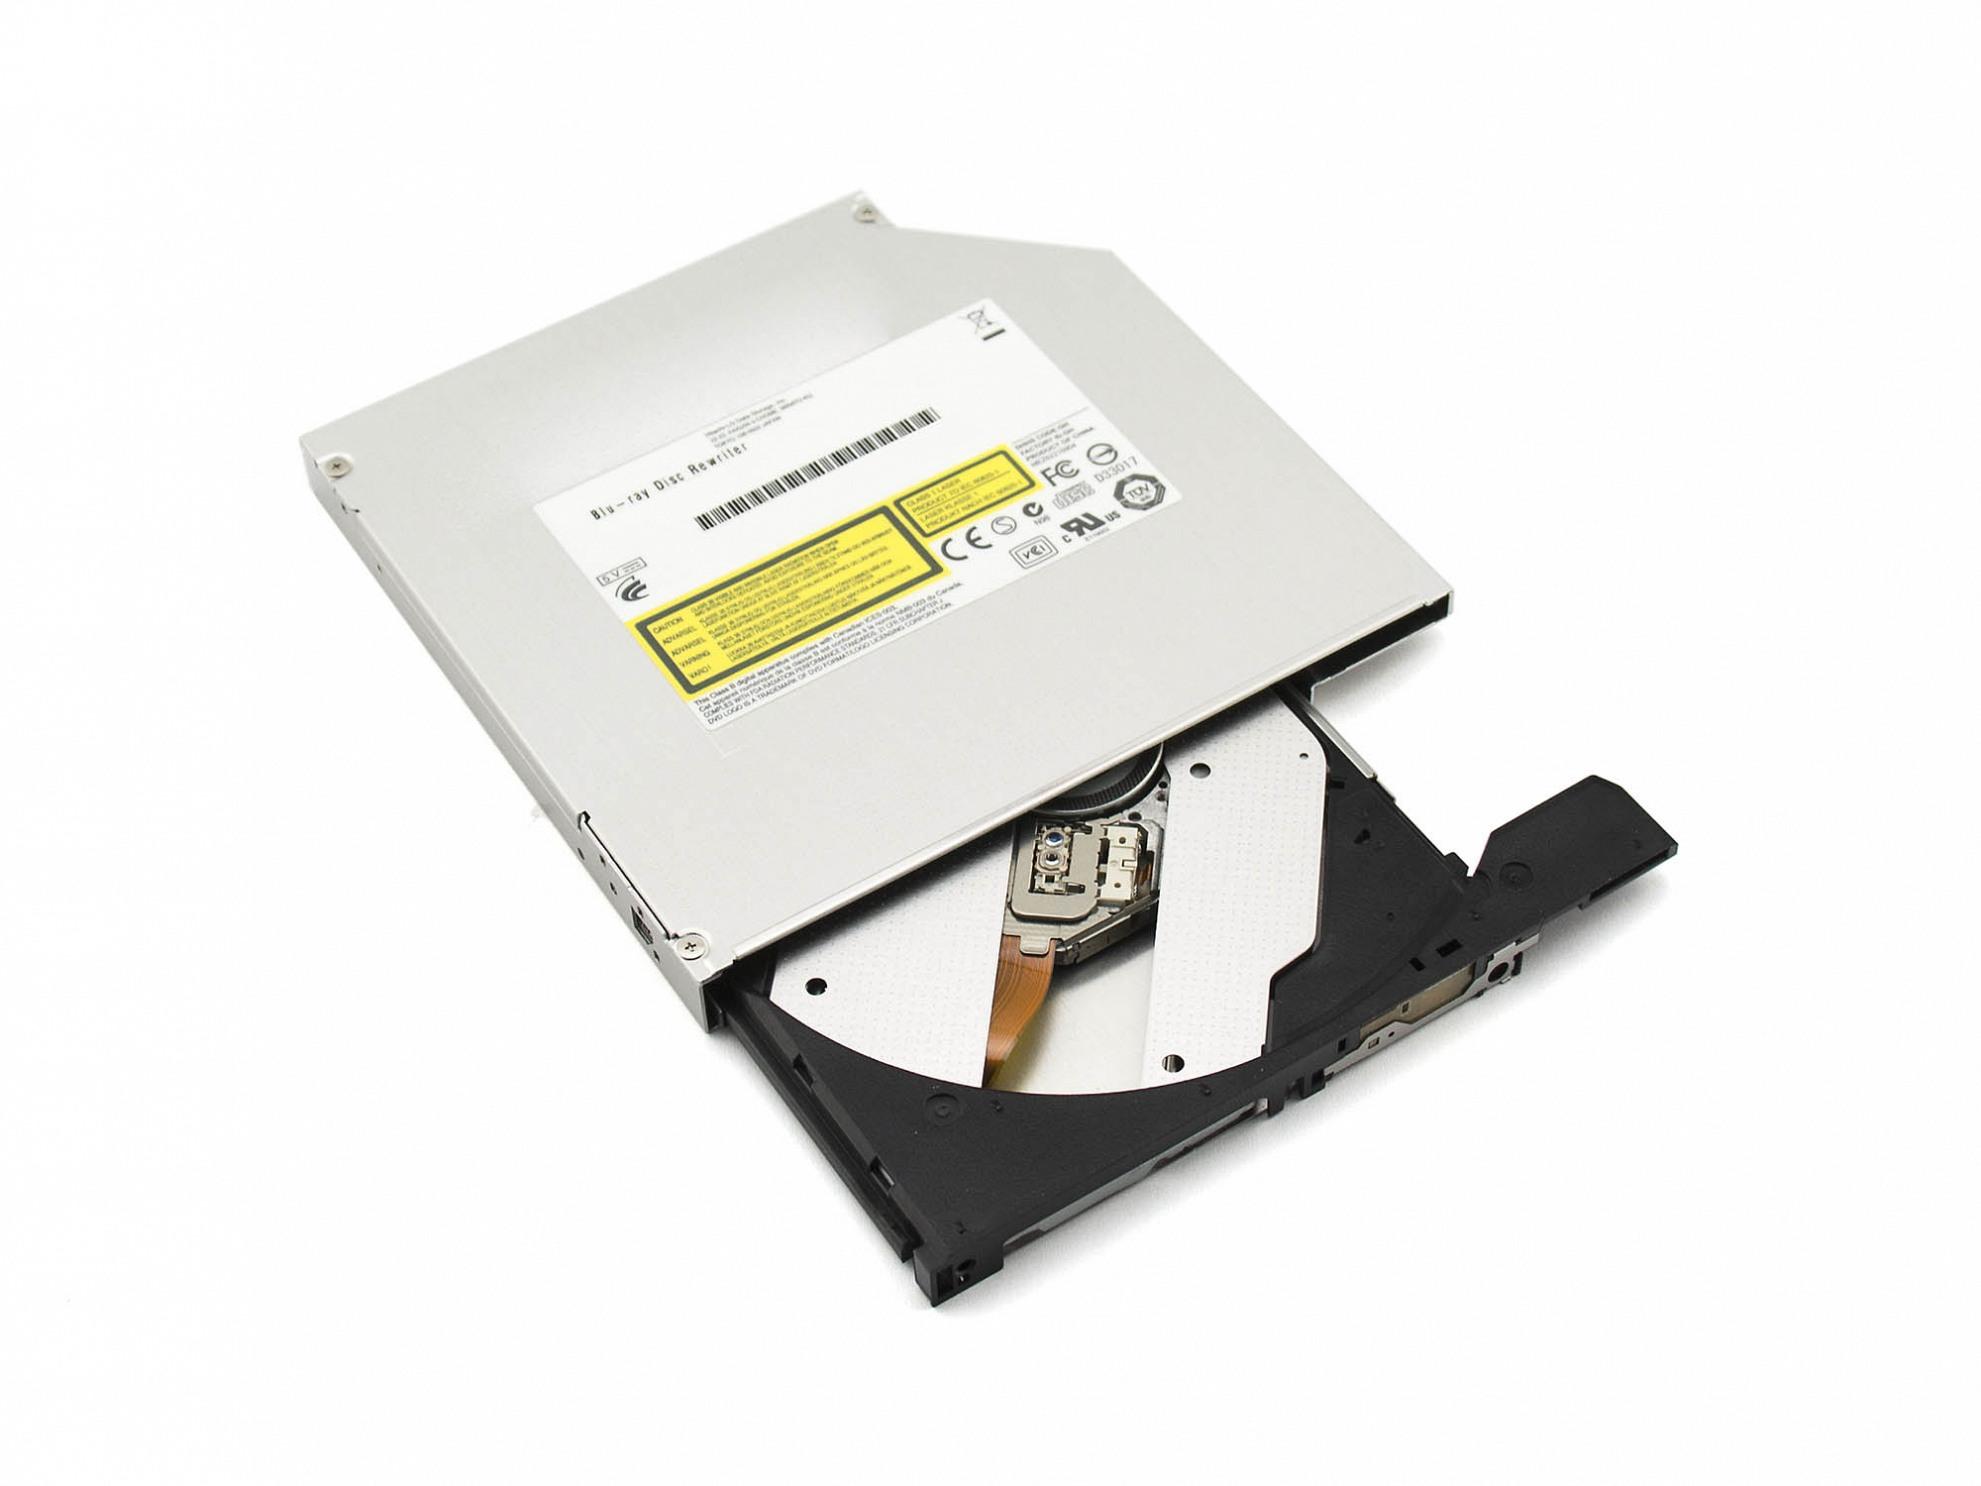 DVD / Blu-Ray Brenner für Fujitsu Amilo Li-3910 Reg.No. EF9